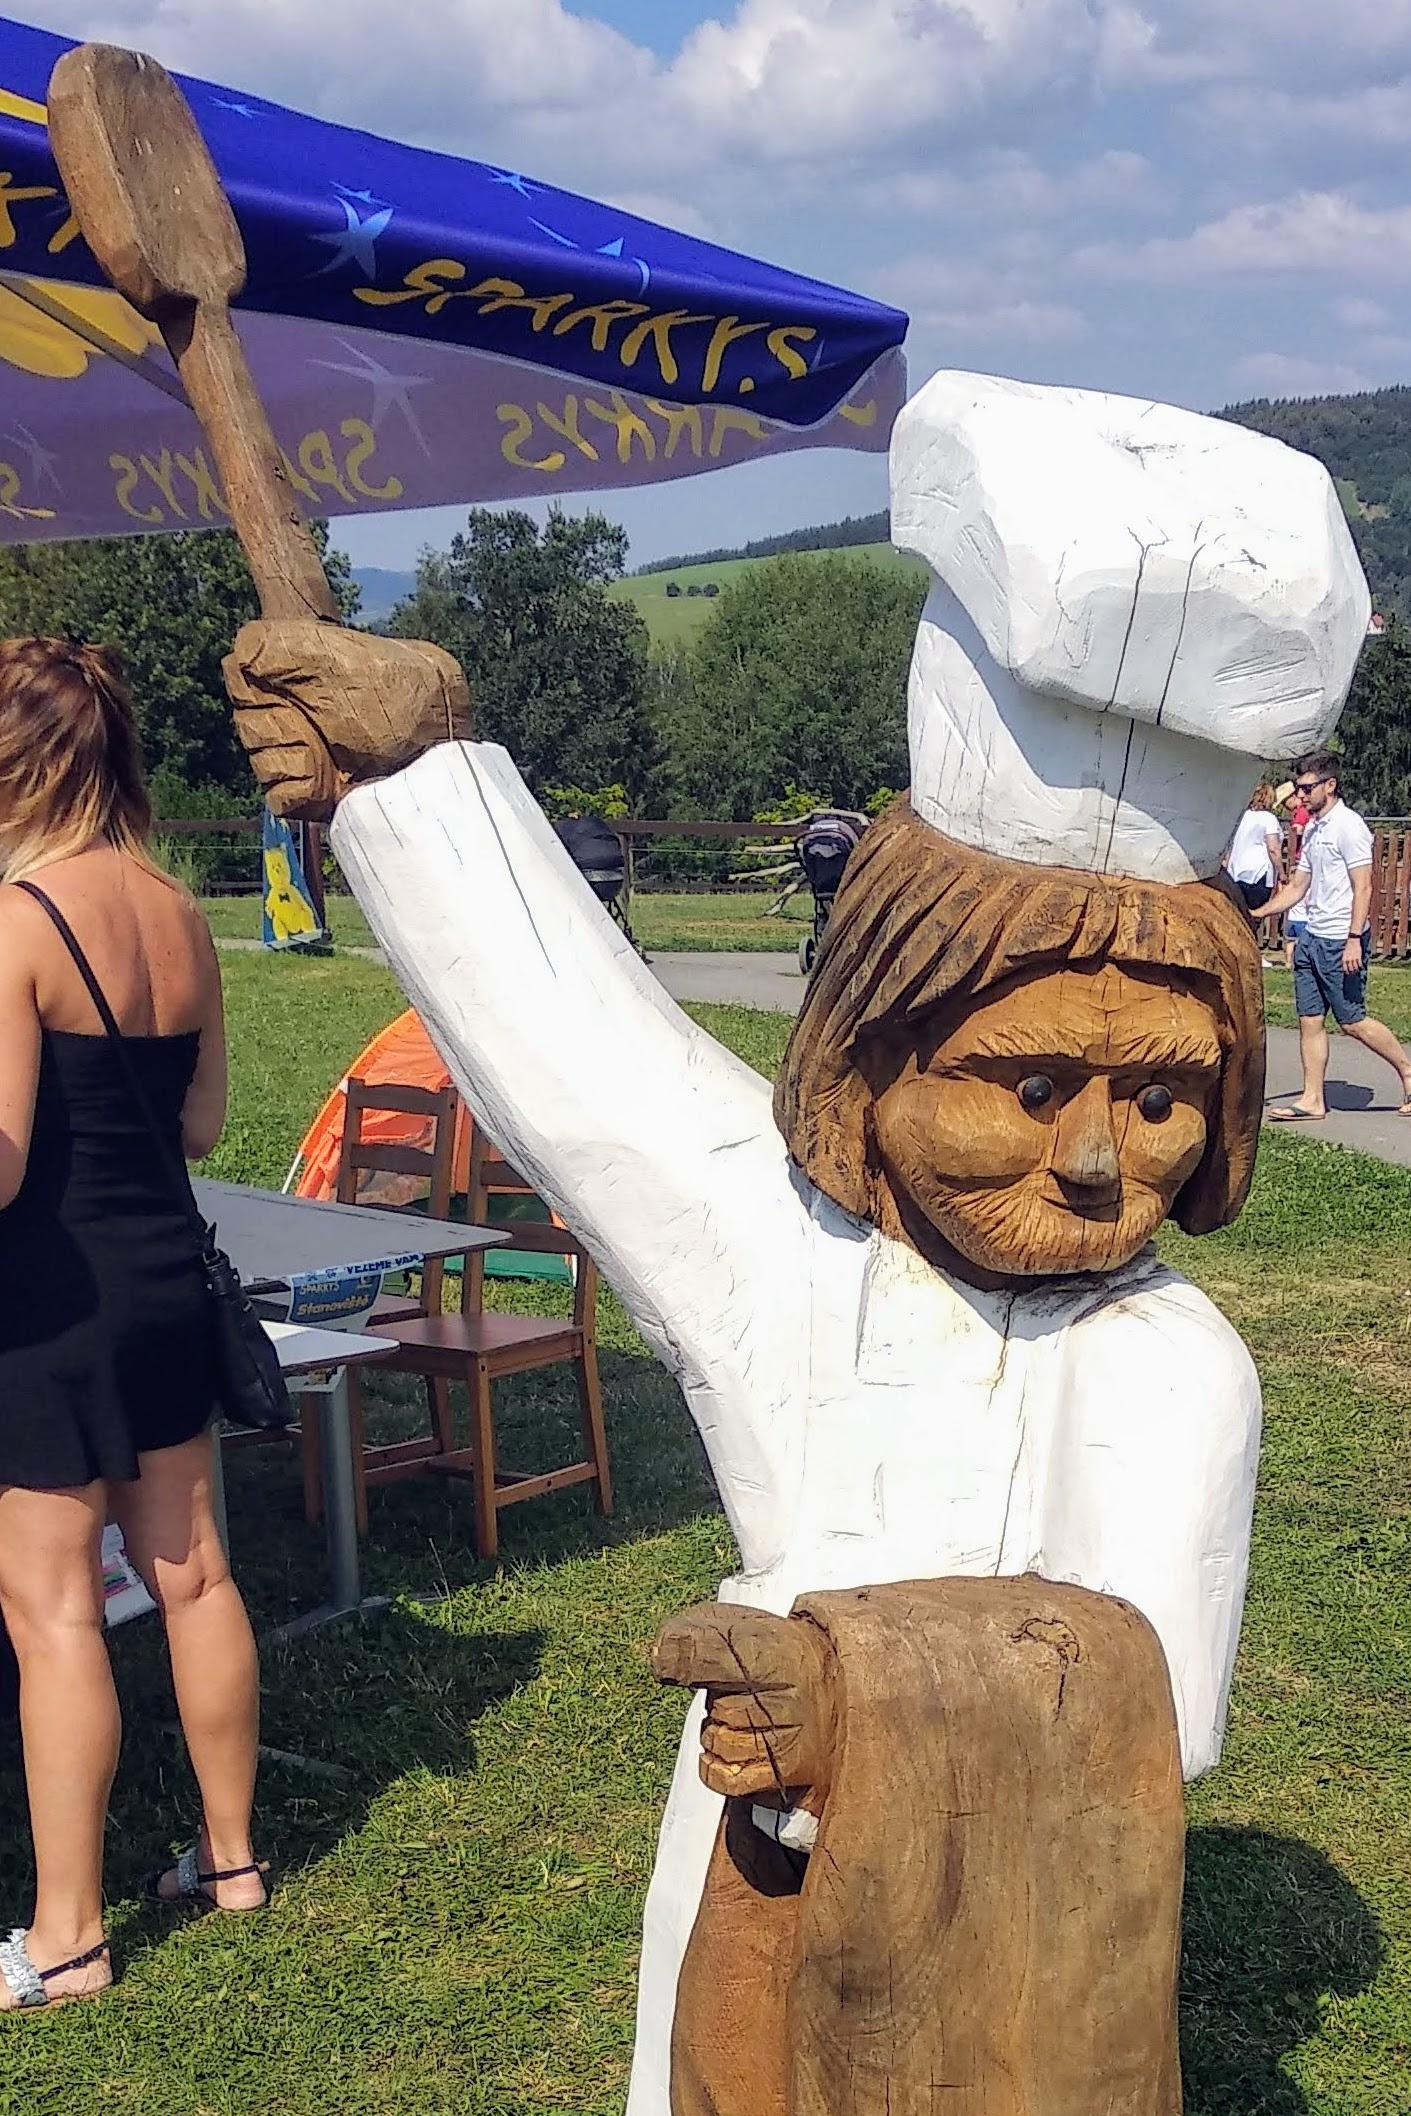 Scary chef sign at Farmapark Soběhrdy